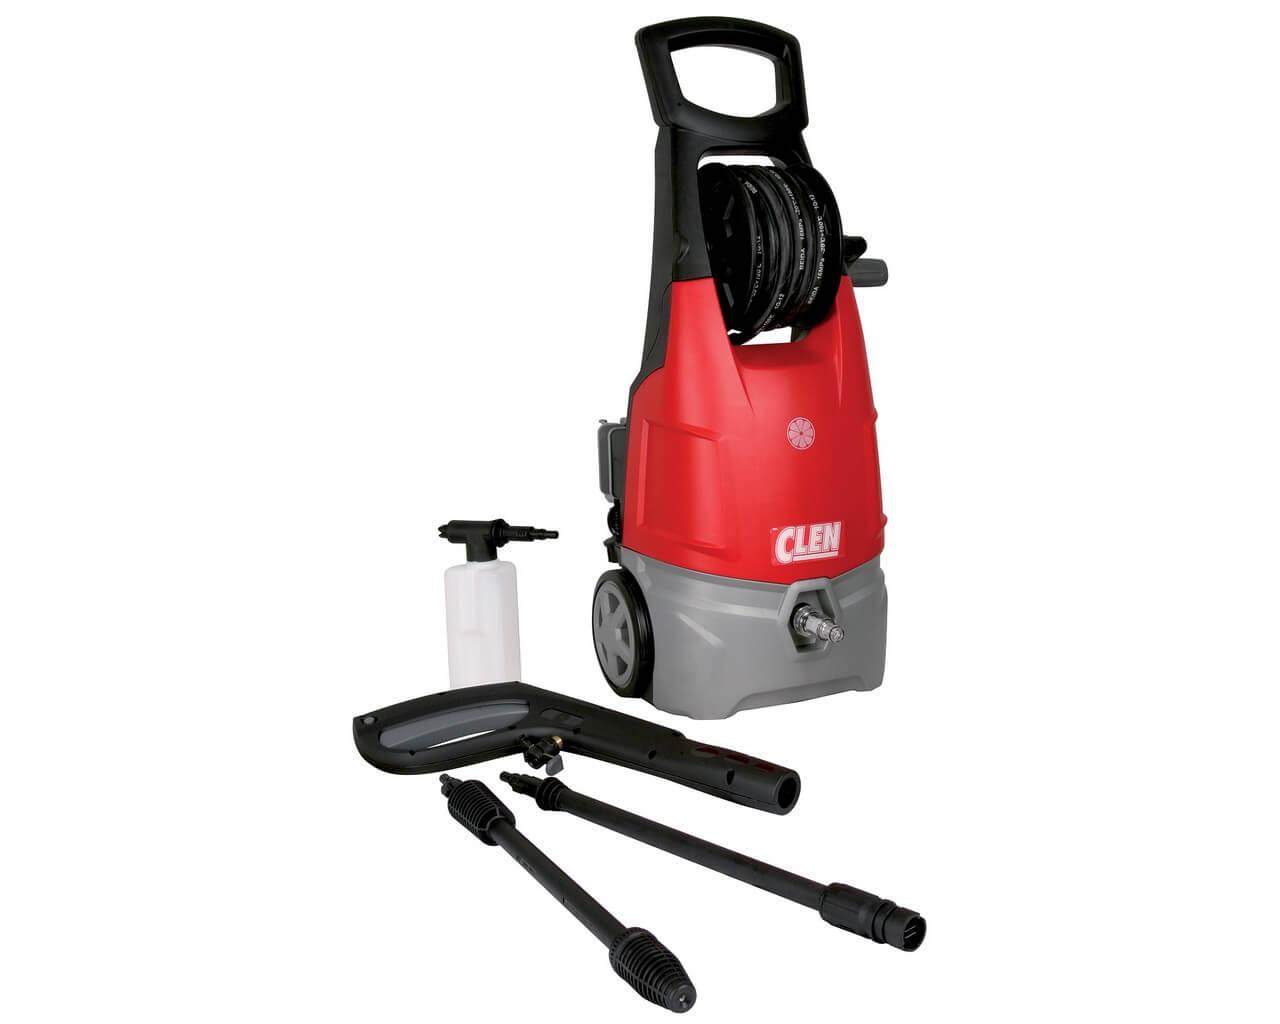 CLEN G 131